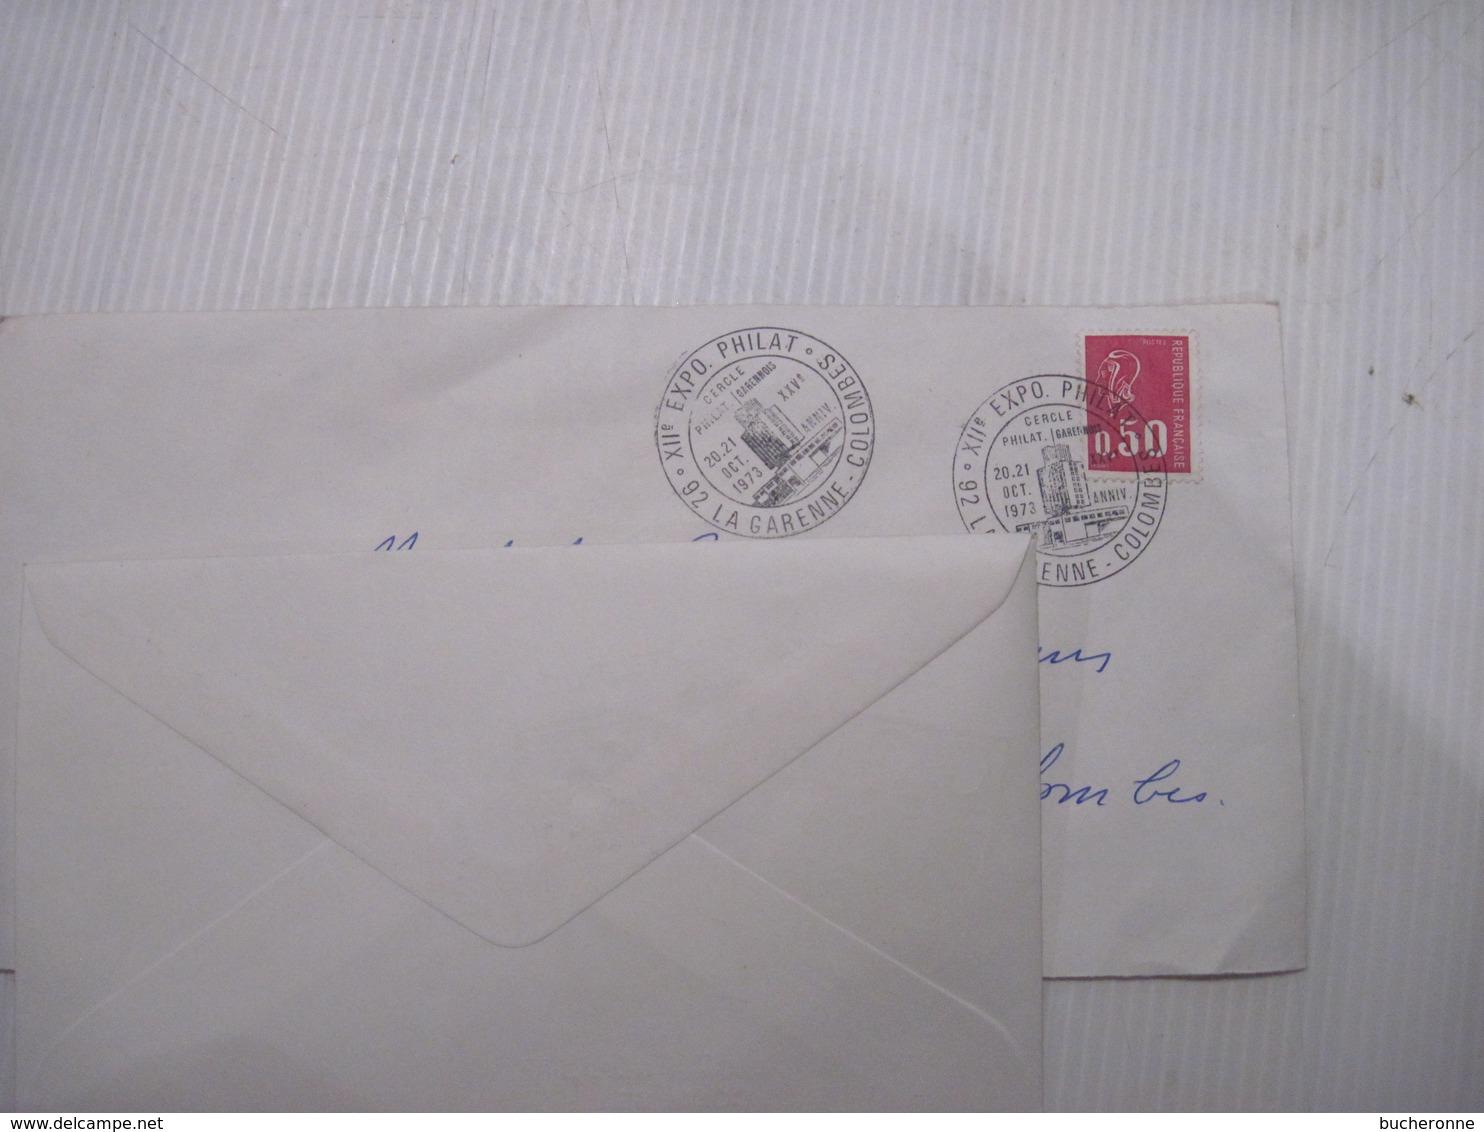 ENVELOPPE Flamme EXPOSITION  PHILATELIQUE LA GARENNE COLOMBES  1973 TBE - Marcophilie (Lettres)